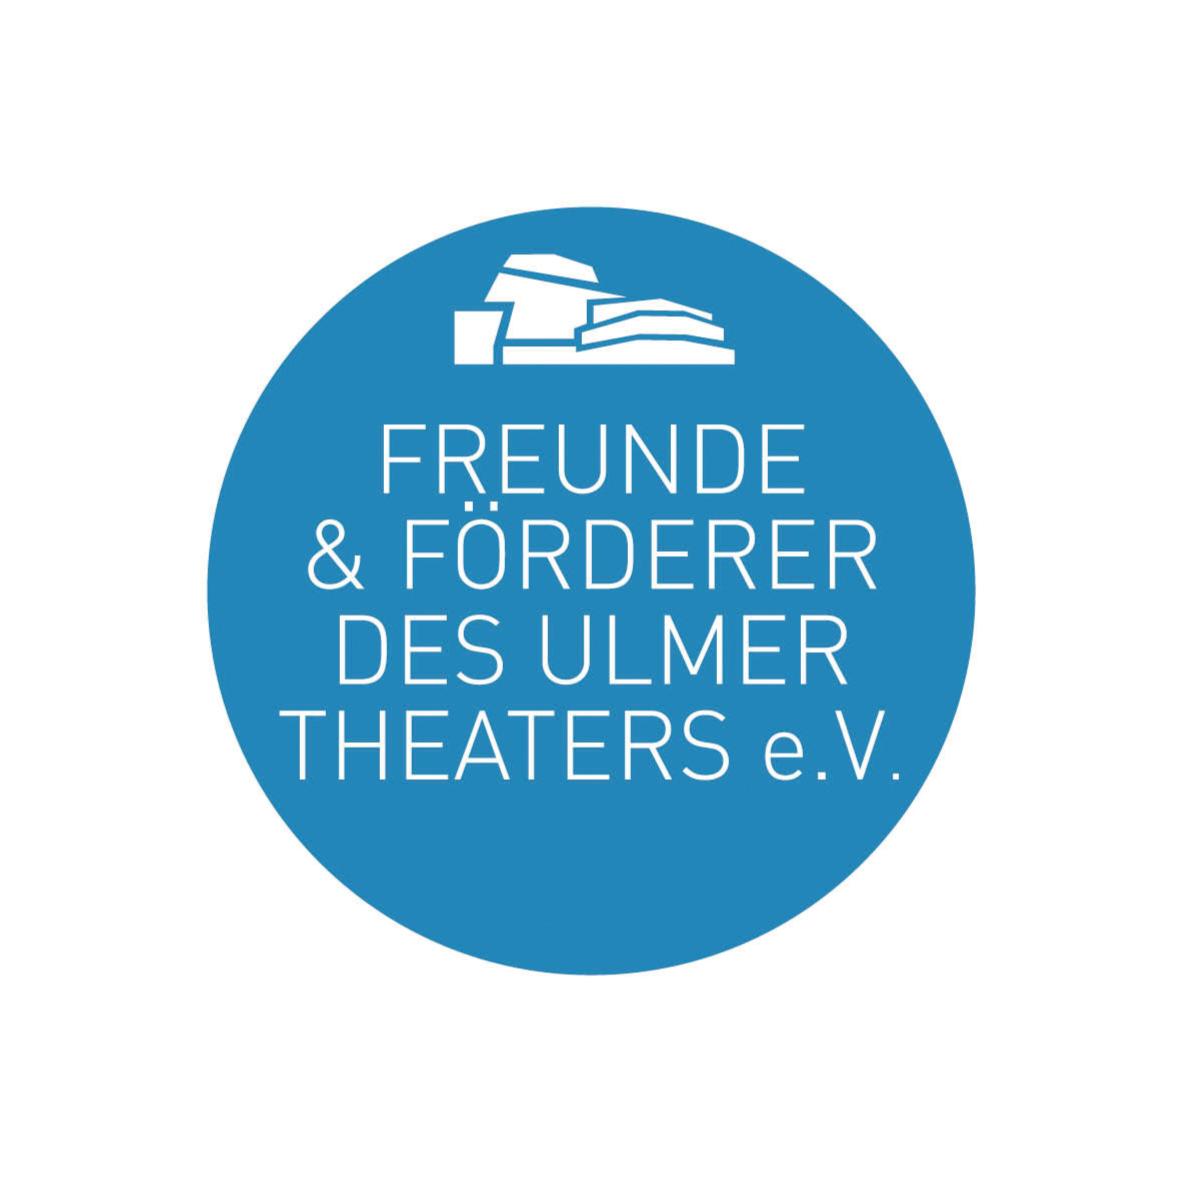 Theaterfreunde